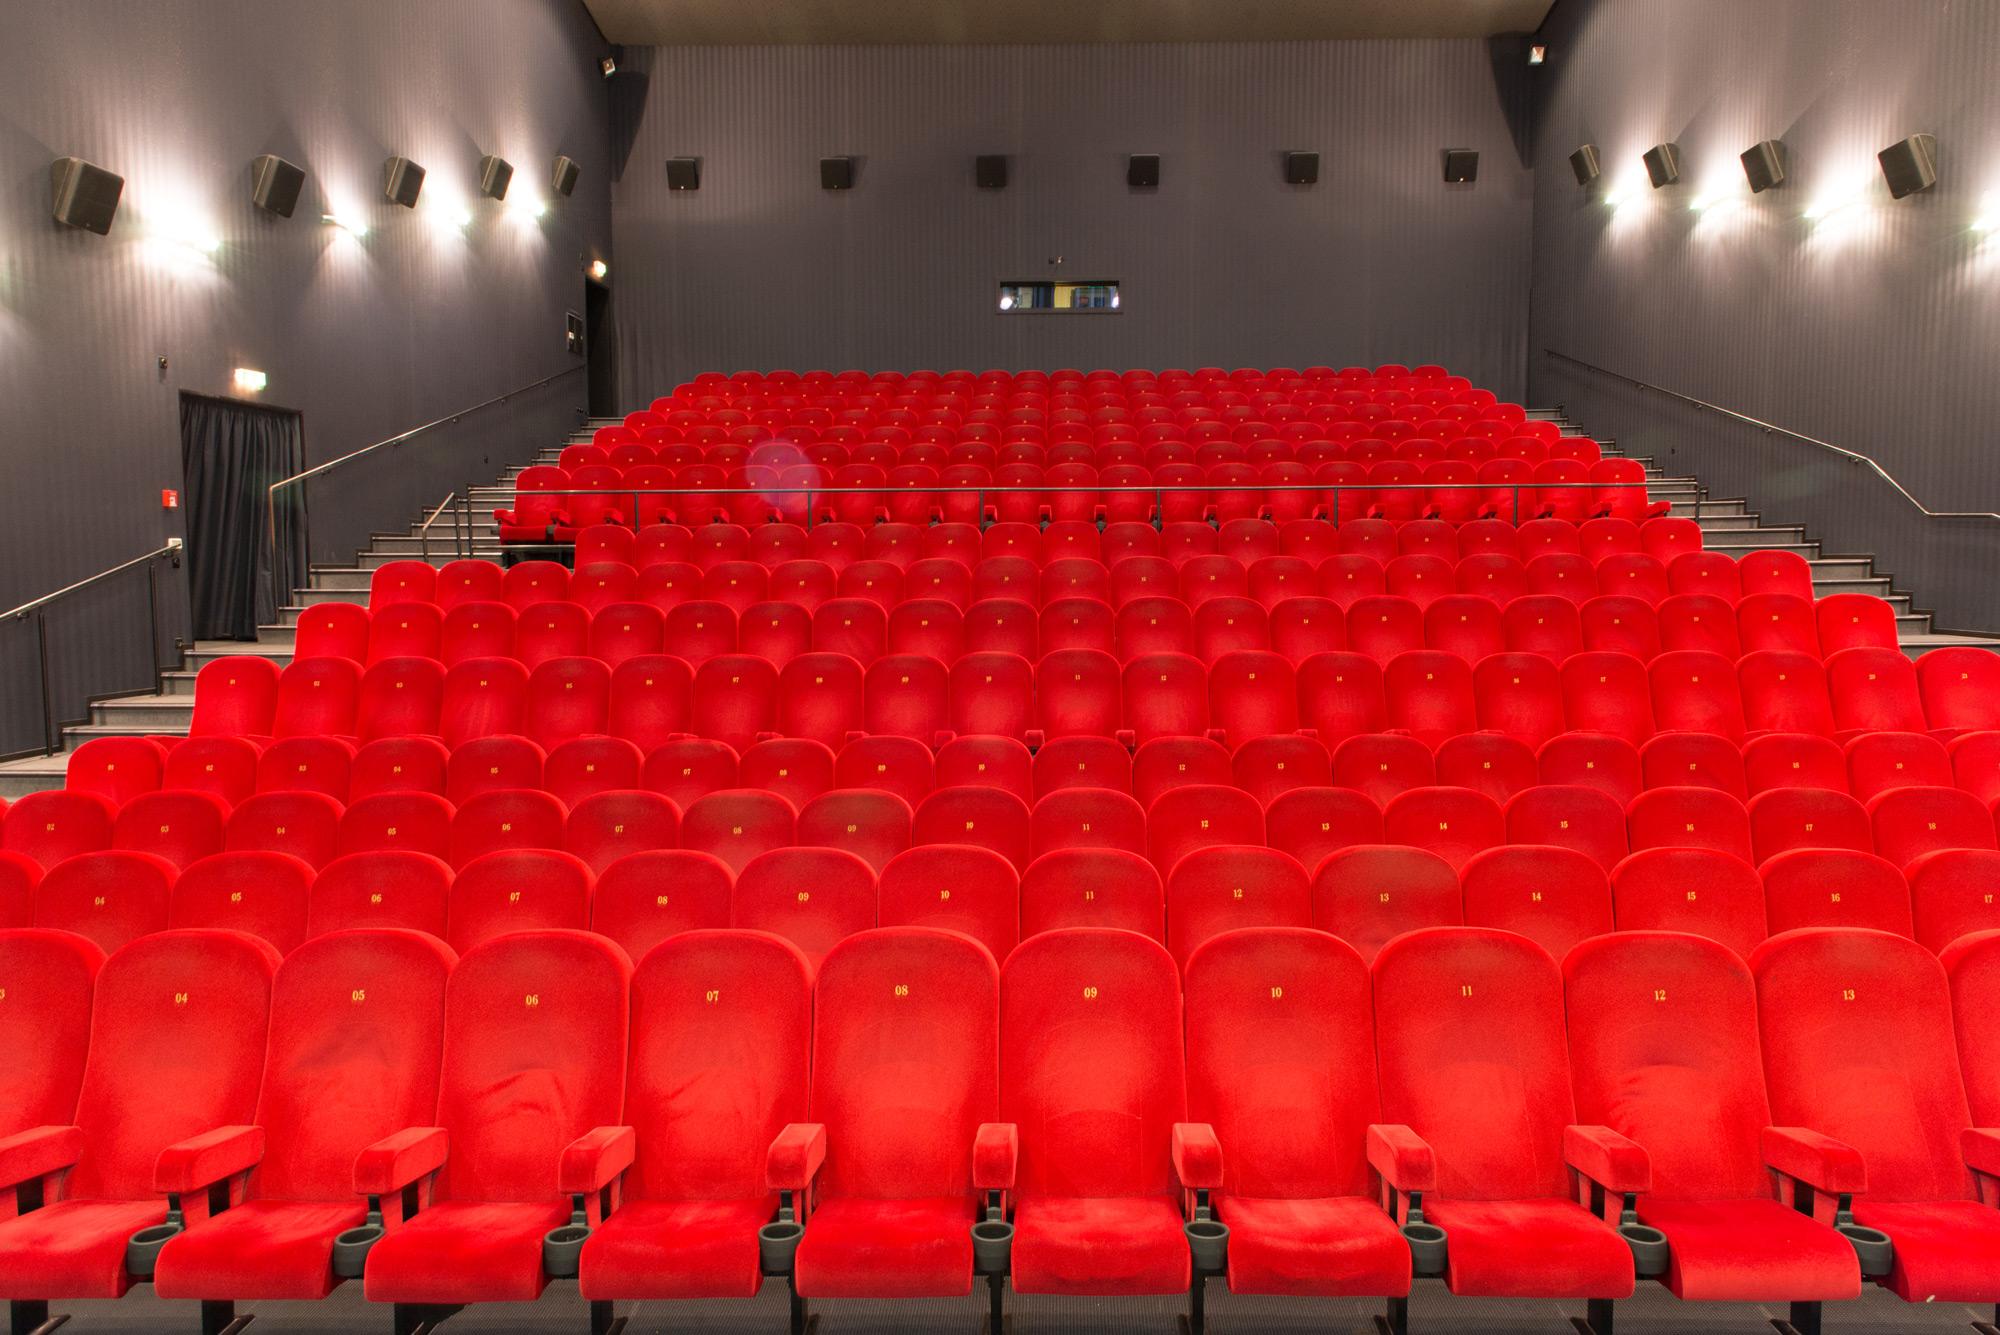 Kino 3 mit 309 Plätzen, 100 qm großer Leinwand und Soundqualität nach THX-Norm